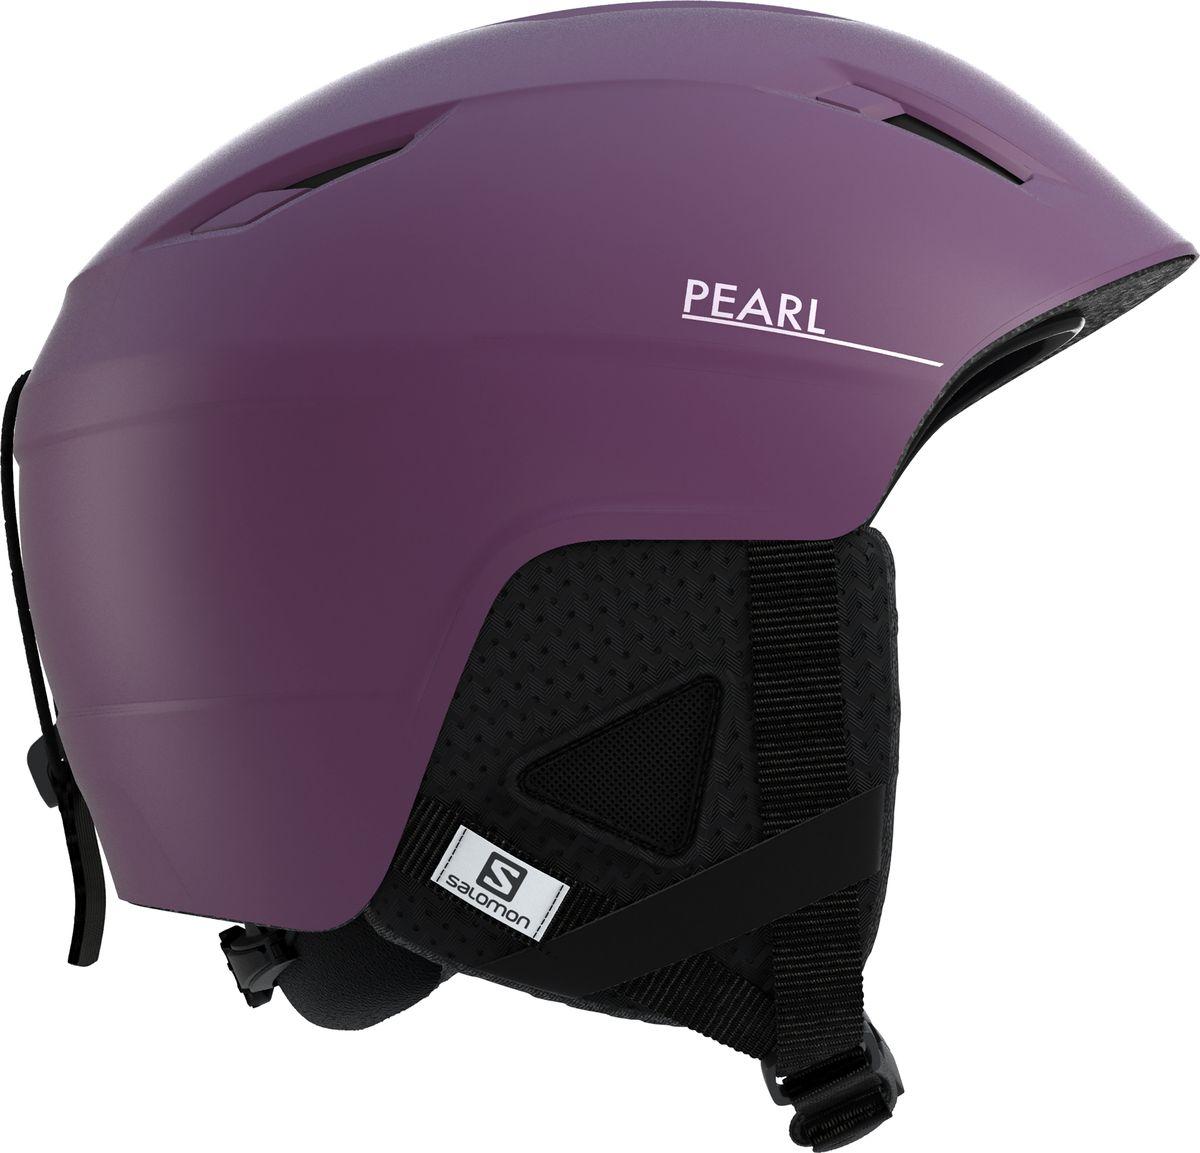 цена на Шлем горнолыжный Salomon Pearl2+ Fig, цвет: фиолетовый. Размер S (53-56)